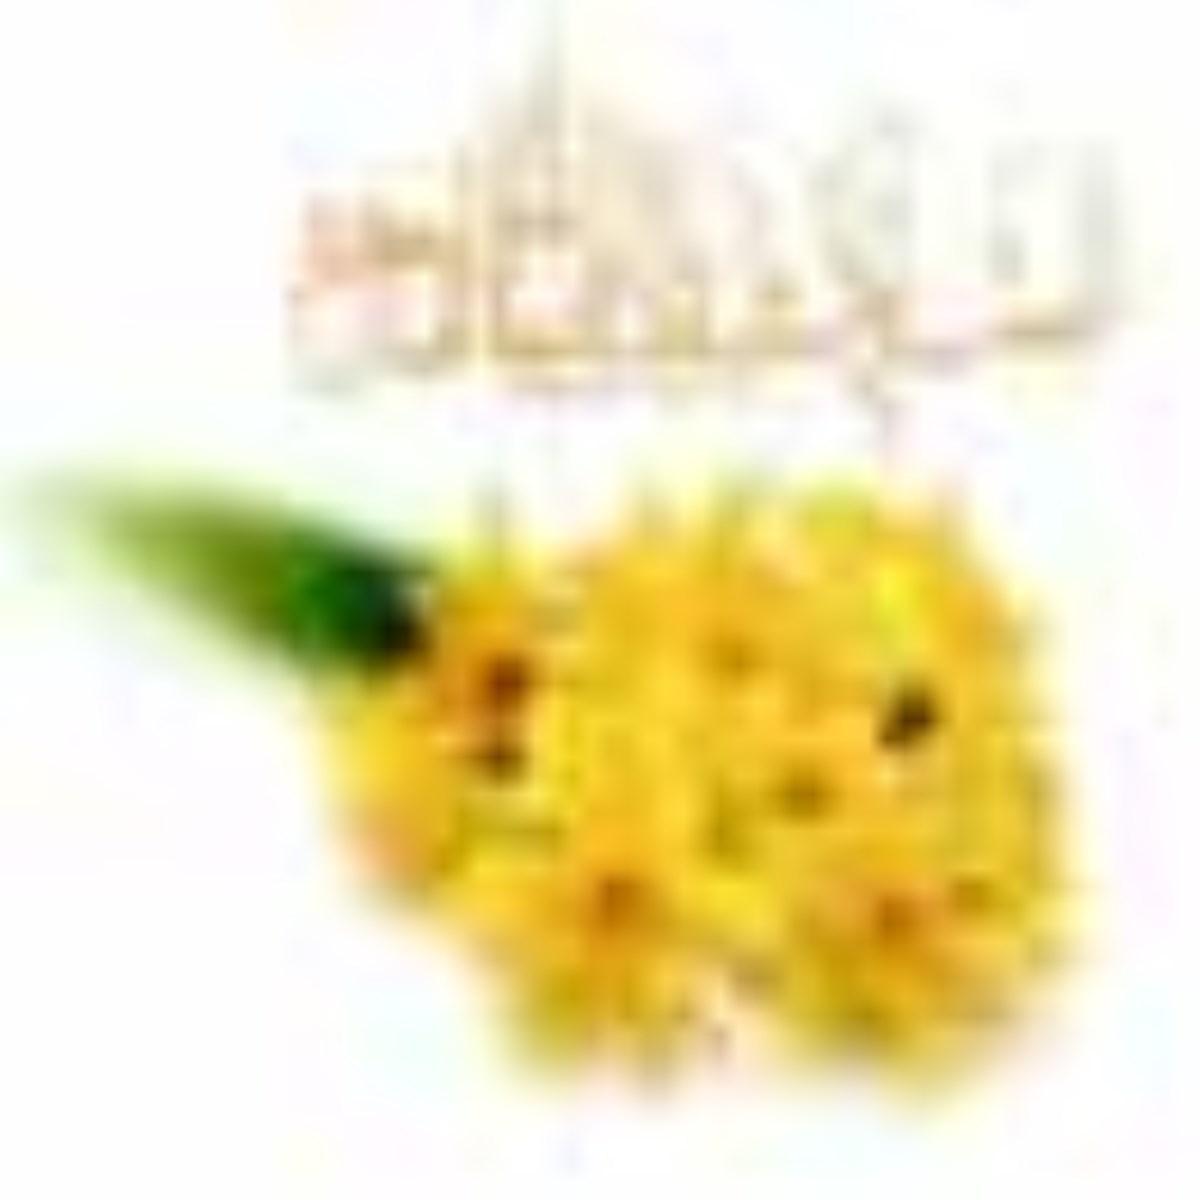 نرگس، گلی که بوی مهدی(عج) میدهد